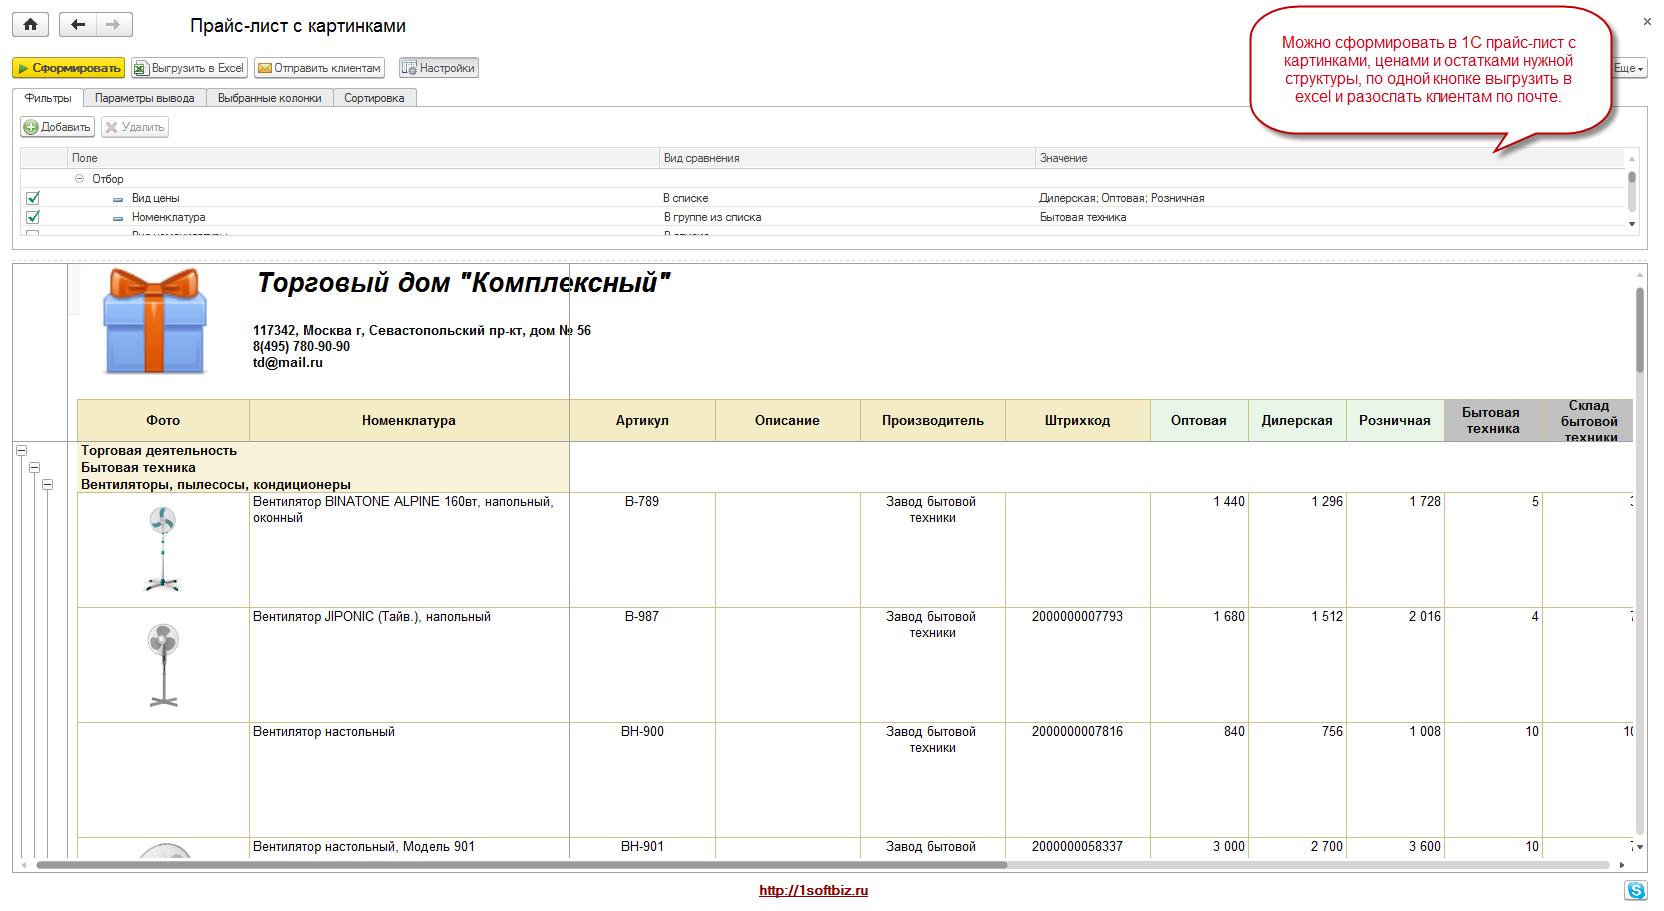 Прайс-лист с картинками для 1С, выгрузка прайс-листа 1С в Excel, прайс-лист с остатками 1С